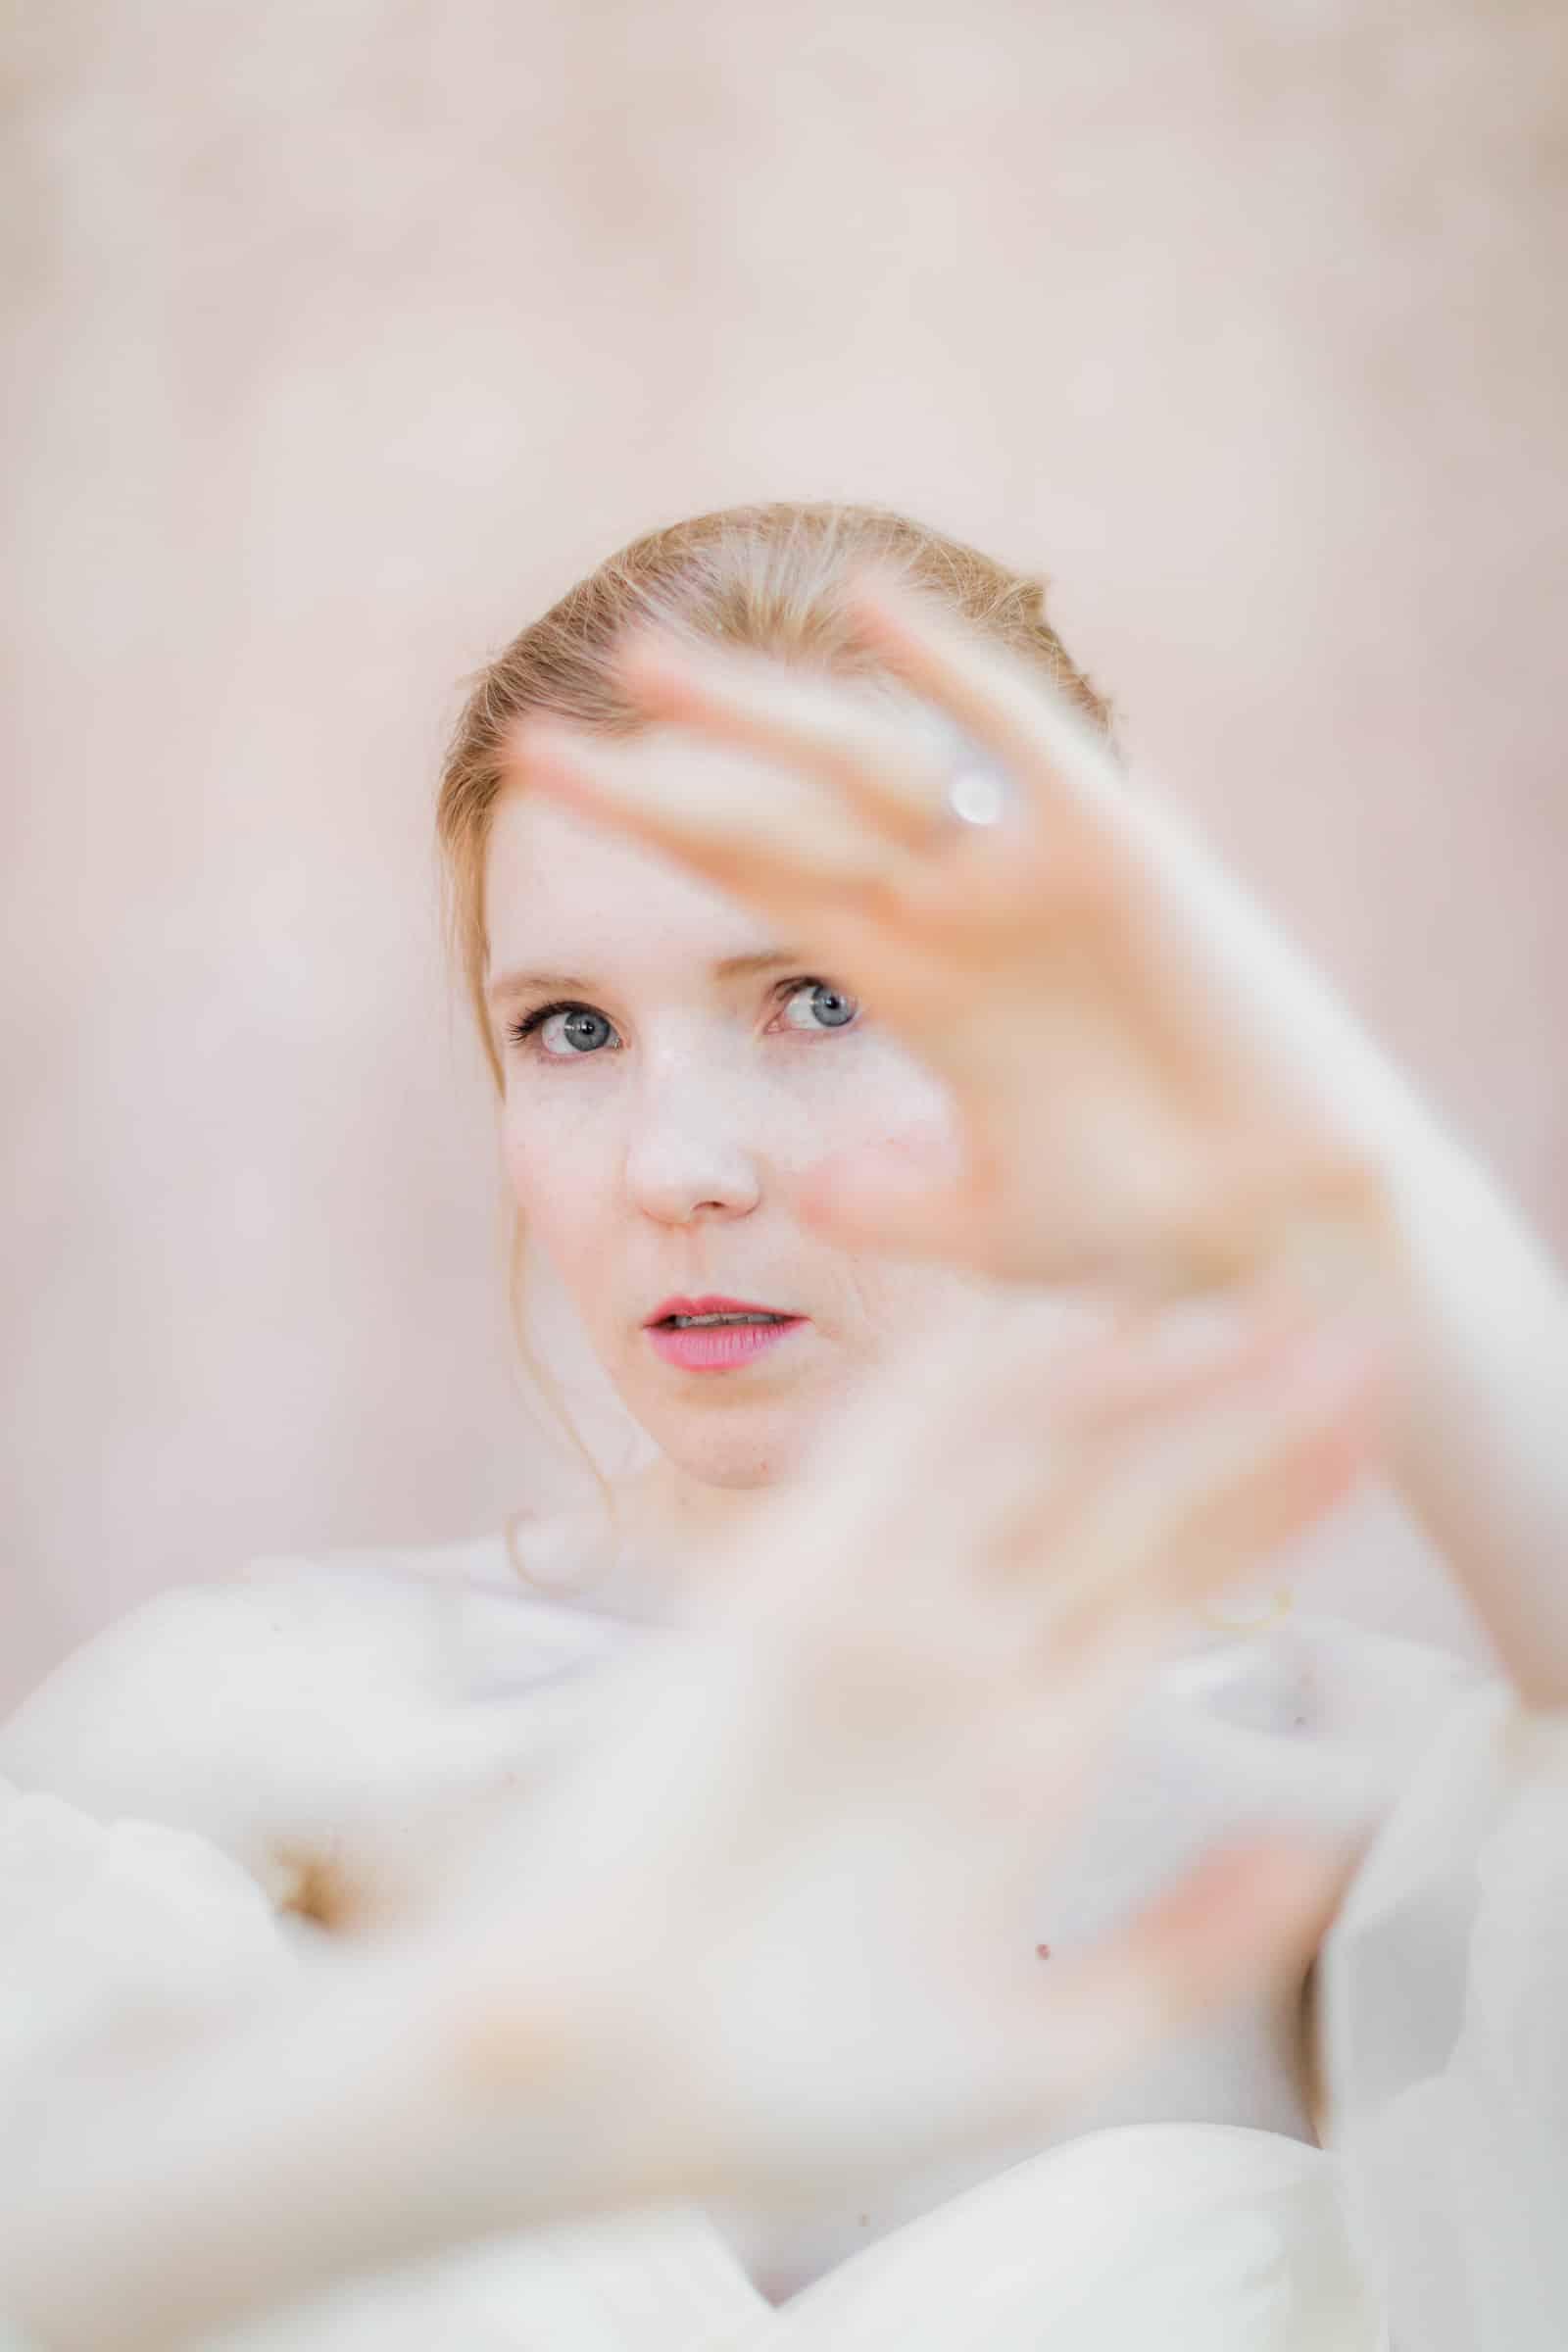 Photographie de Mathieu Dété présentant un portrait de la mariée contre les murs roses du Château Saint Julien d'Aille à Vidauban